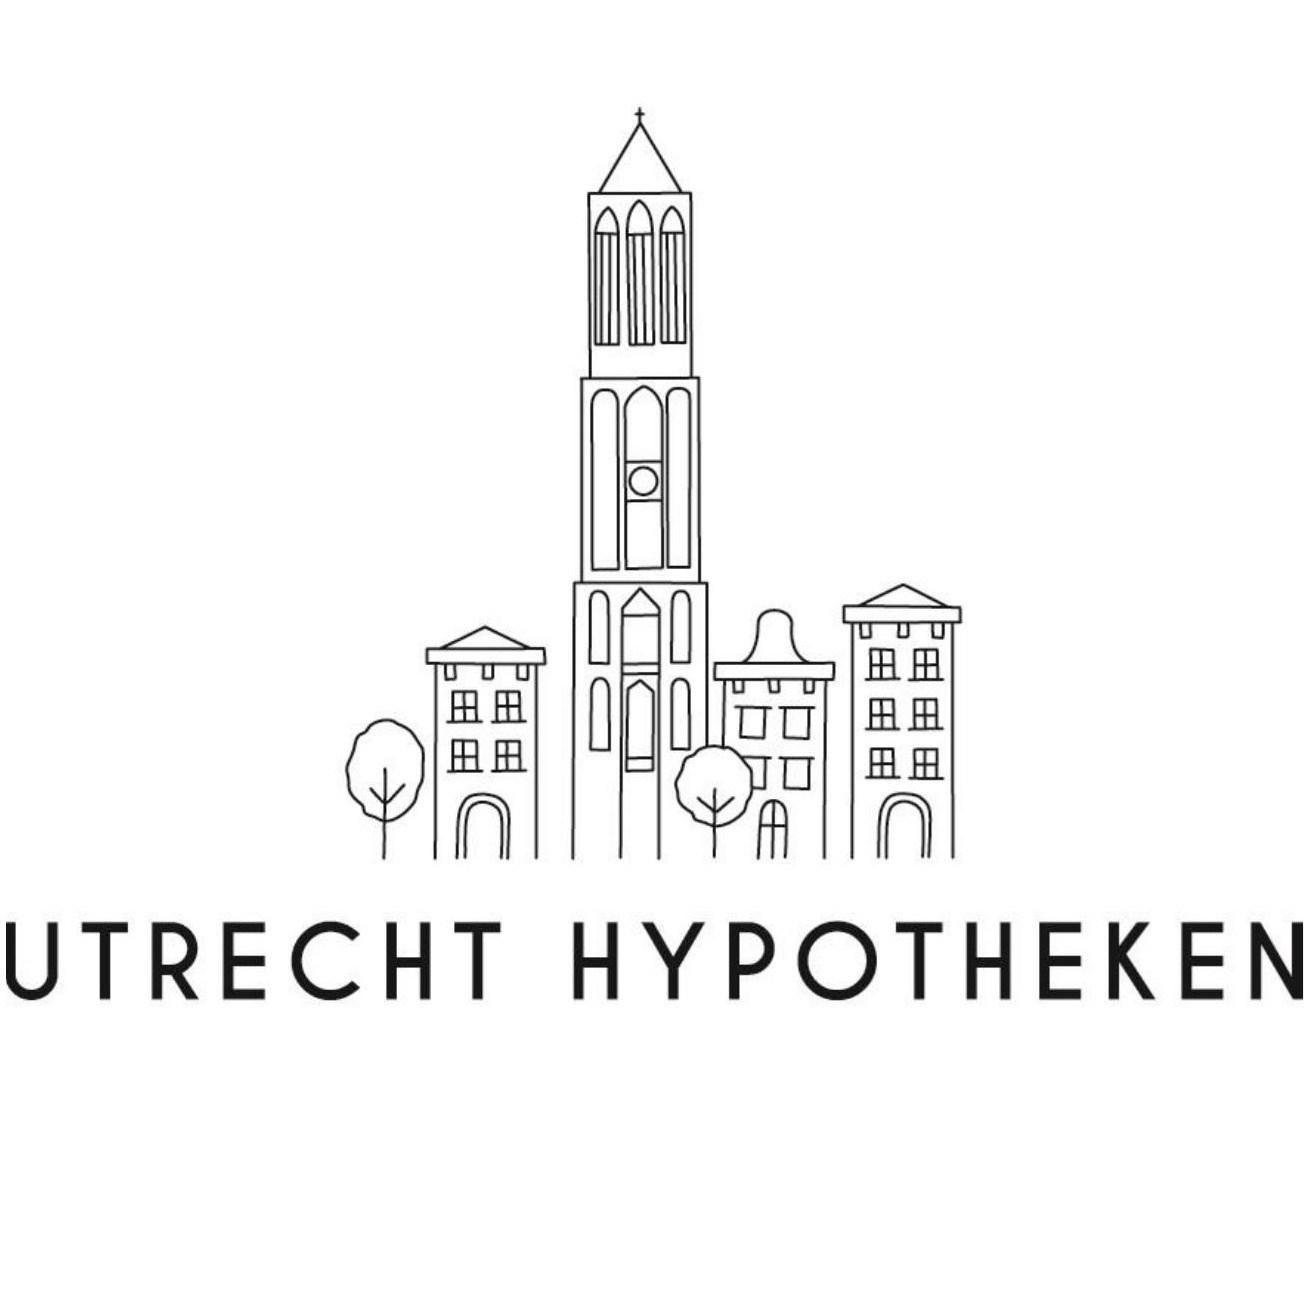 Foto van UTRECHT HYPOTHEKEN